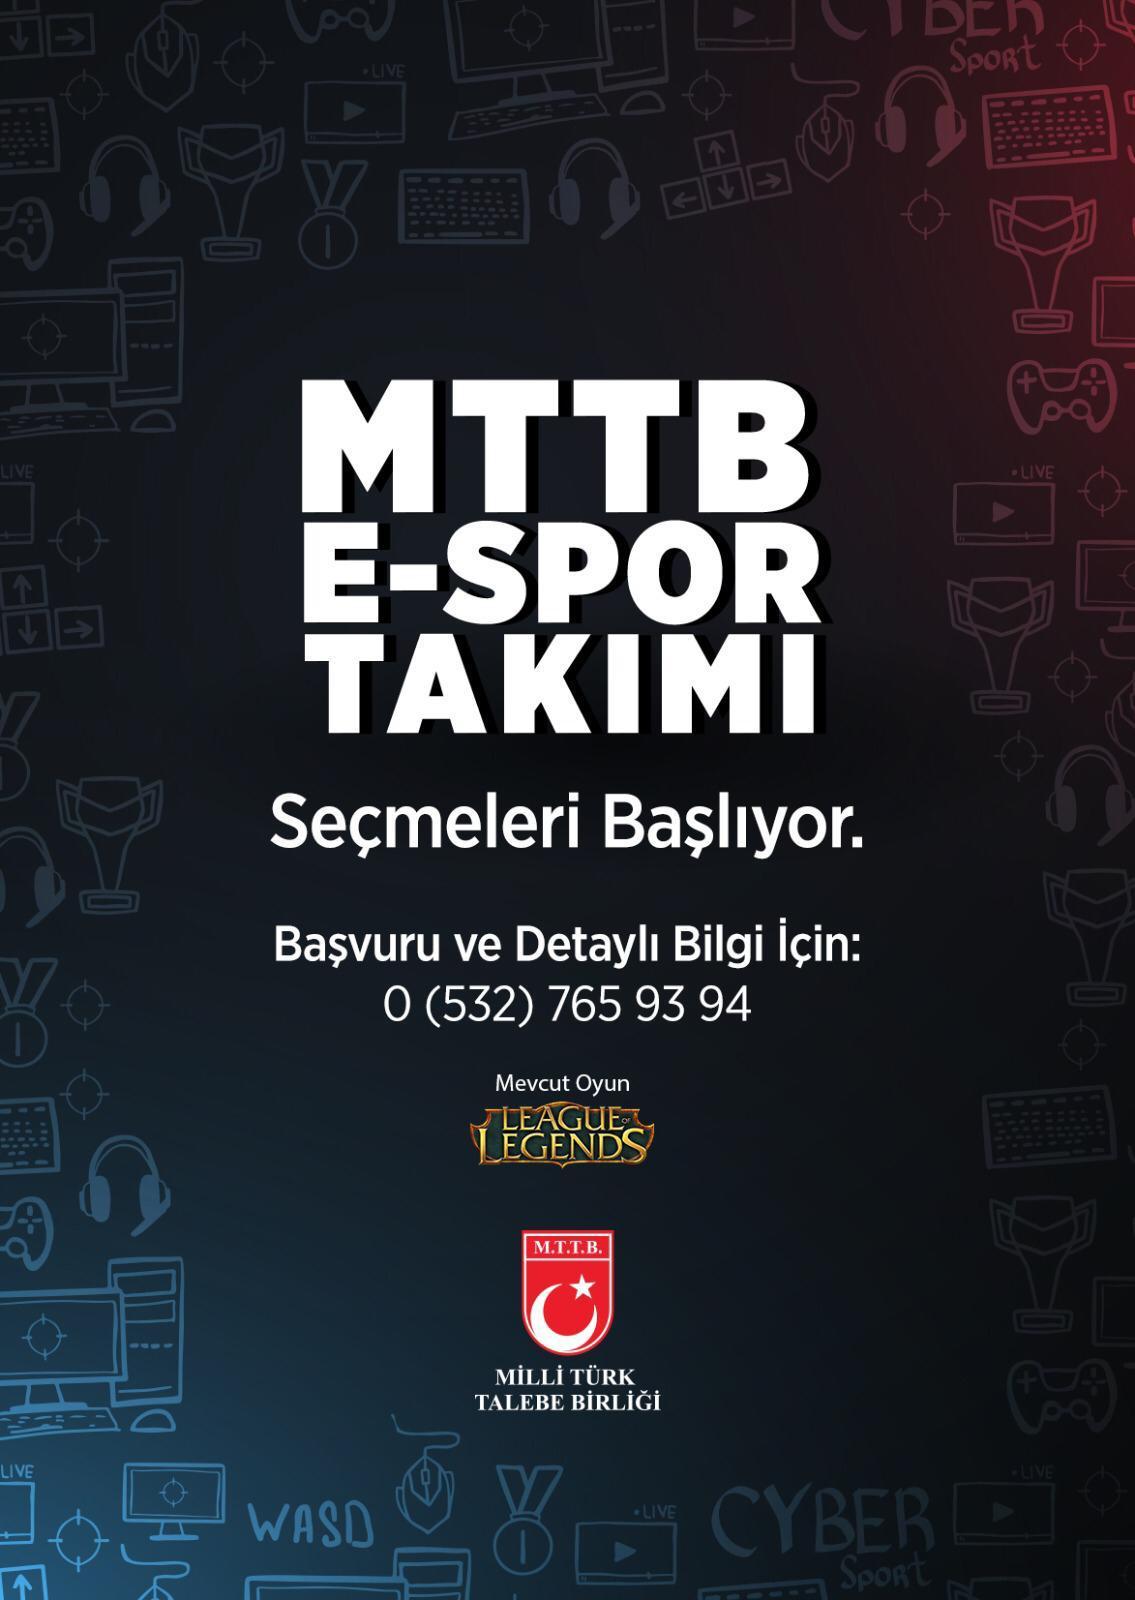 MTTB E-SPOR Takımı Seçmeleri Başlıyor!